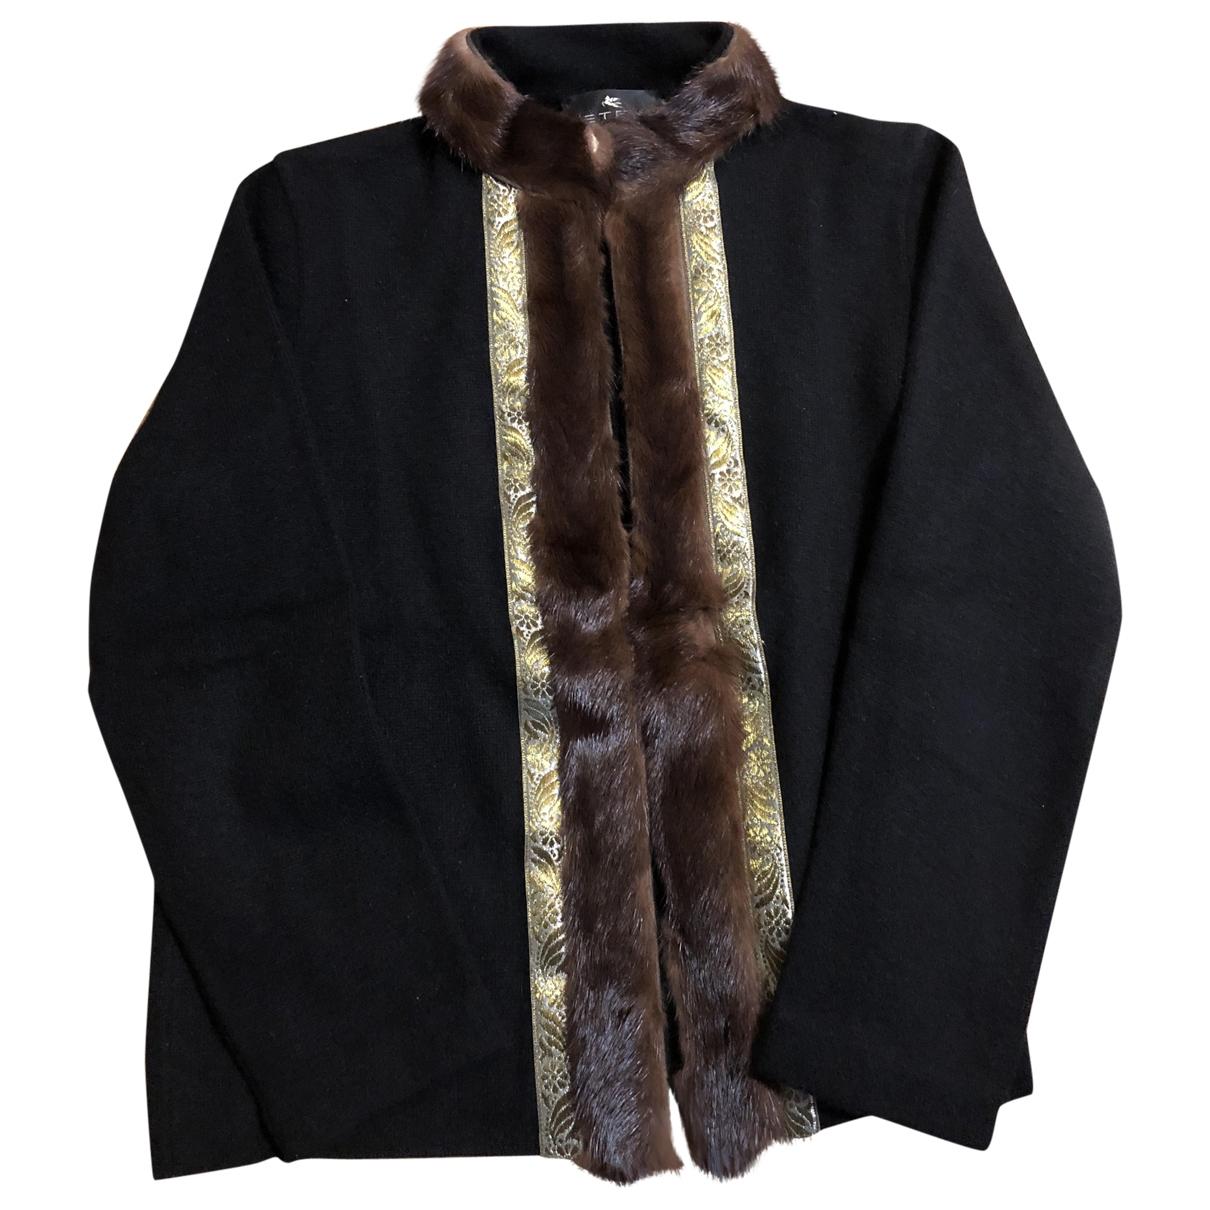 Etro \N Black Wool jacket for Women 46 IT